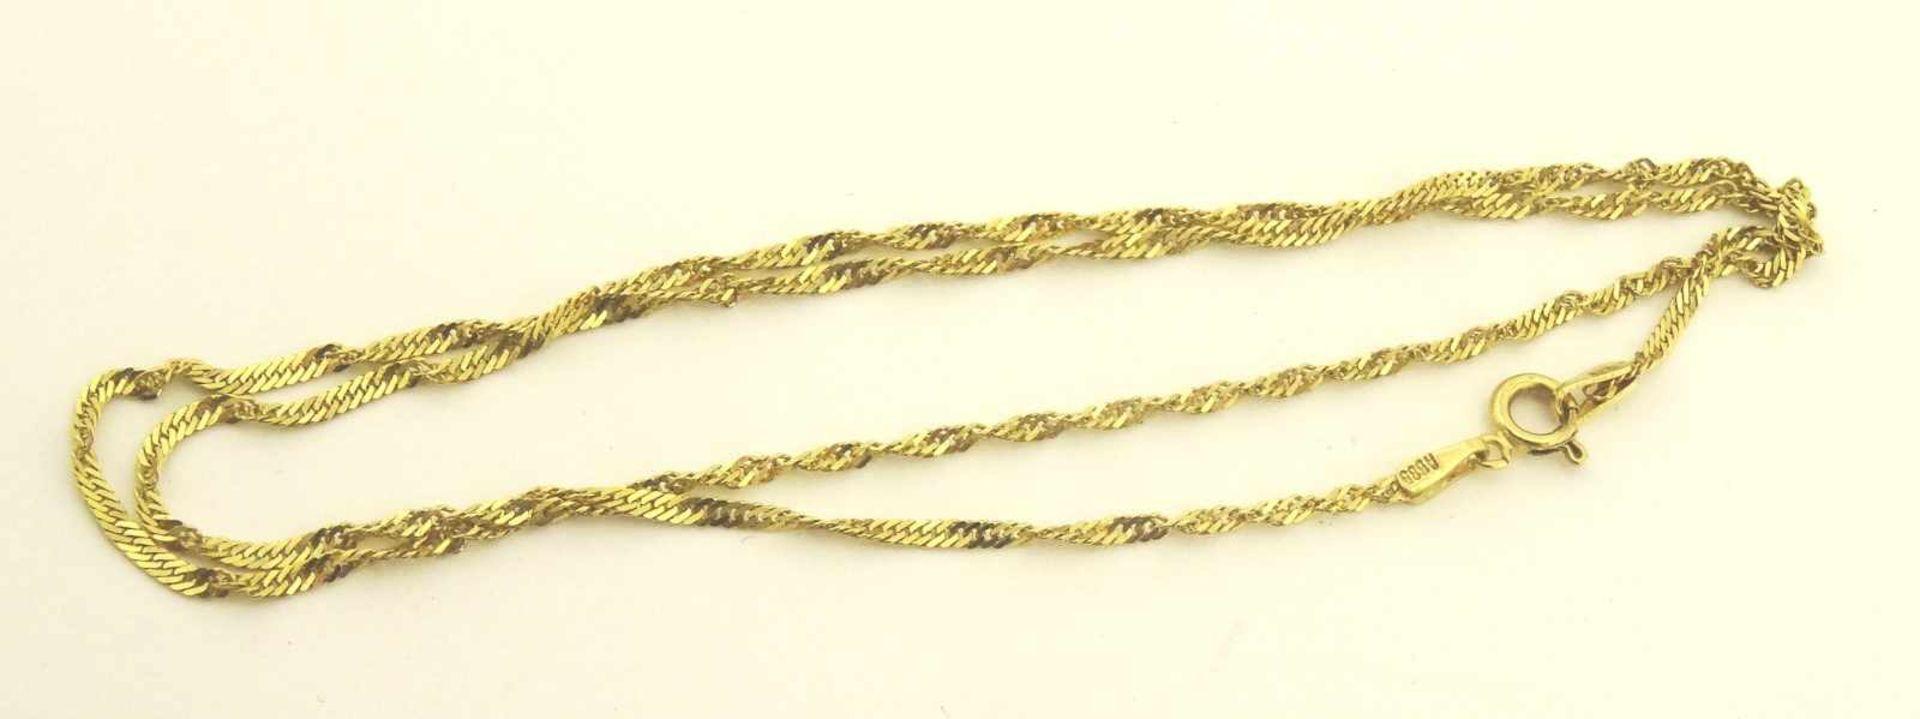 Los 27 - Singapur Kette 585 Gold Stärke 1,8mm, Länge ca. 45cm, Gewicht ca. 2,5g